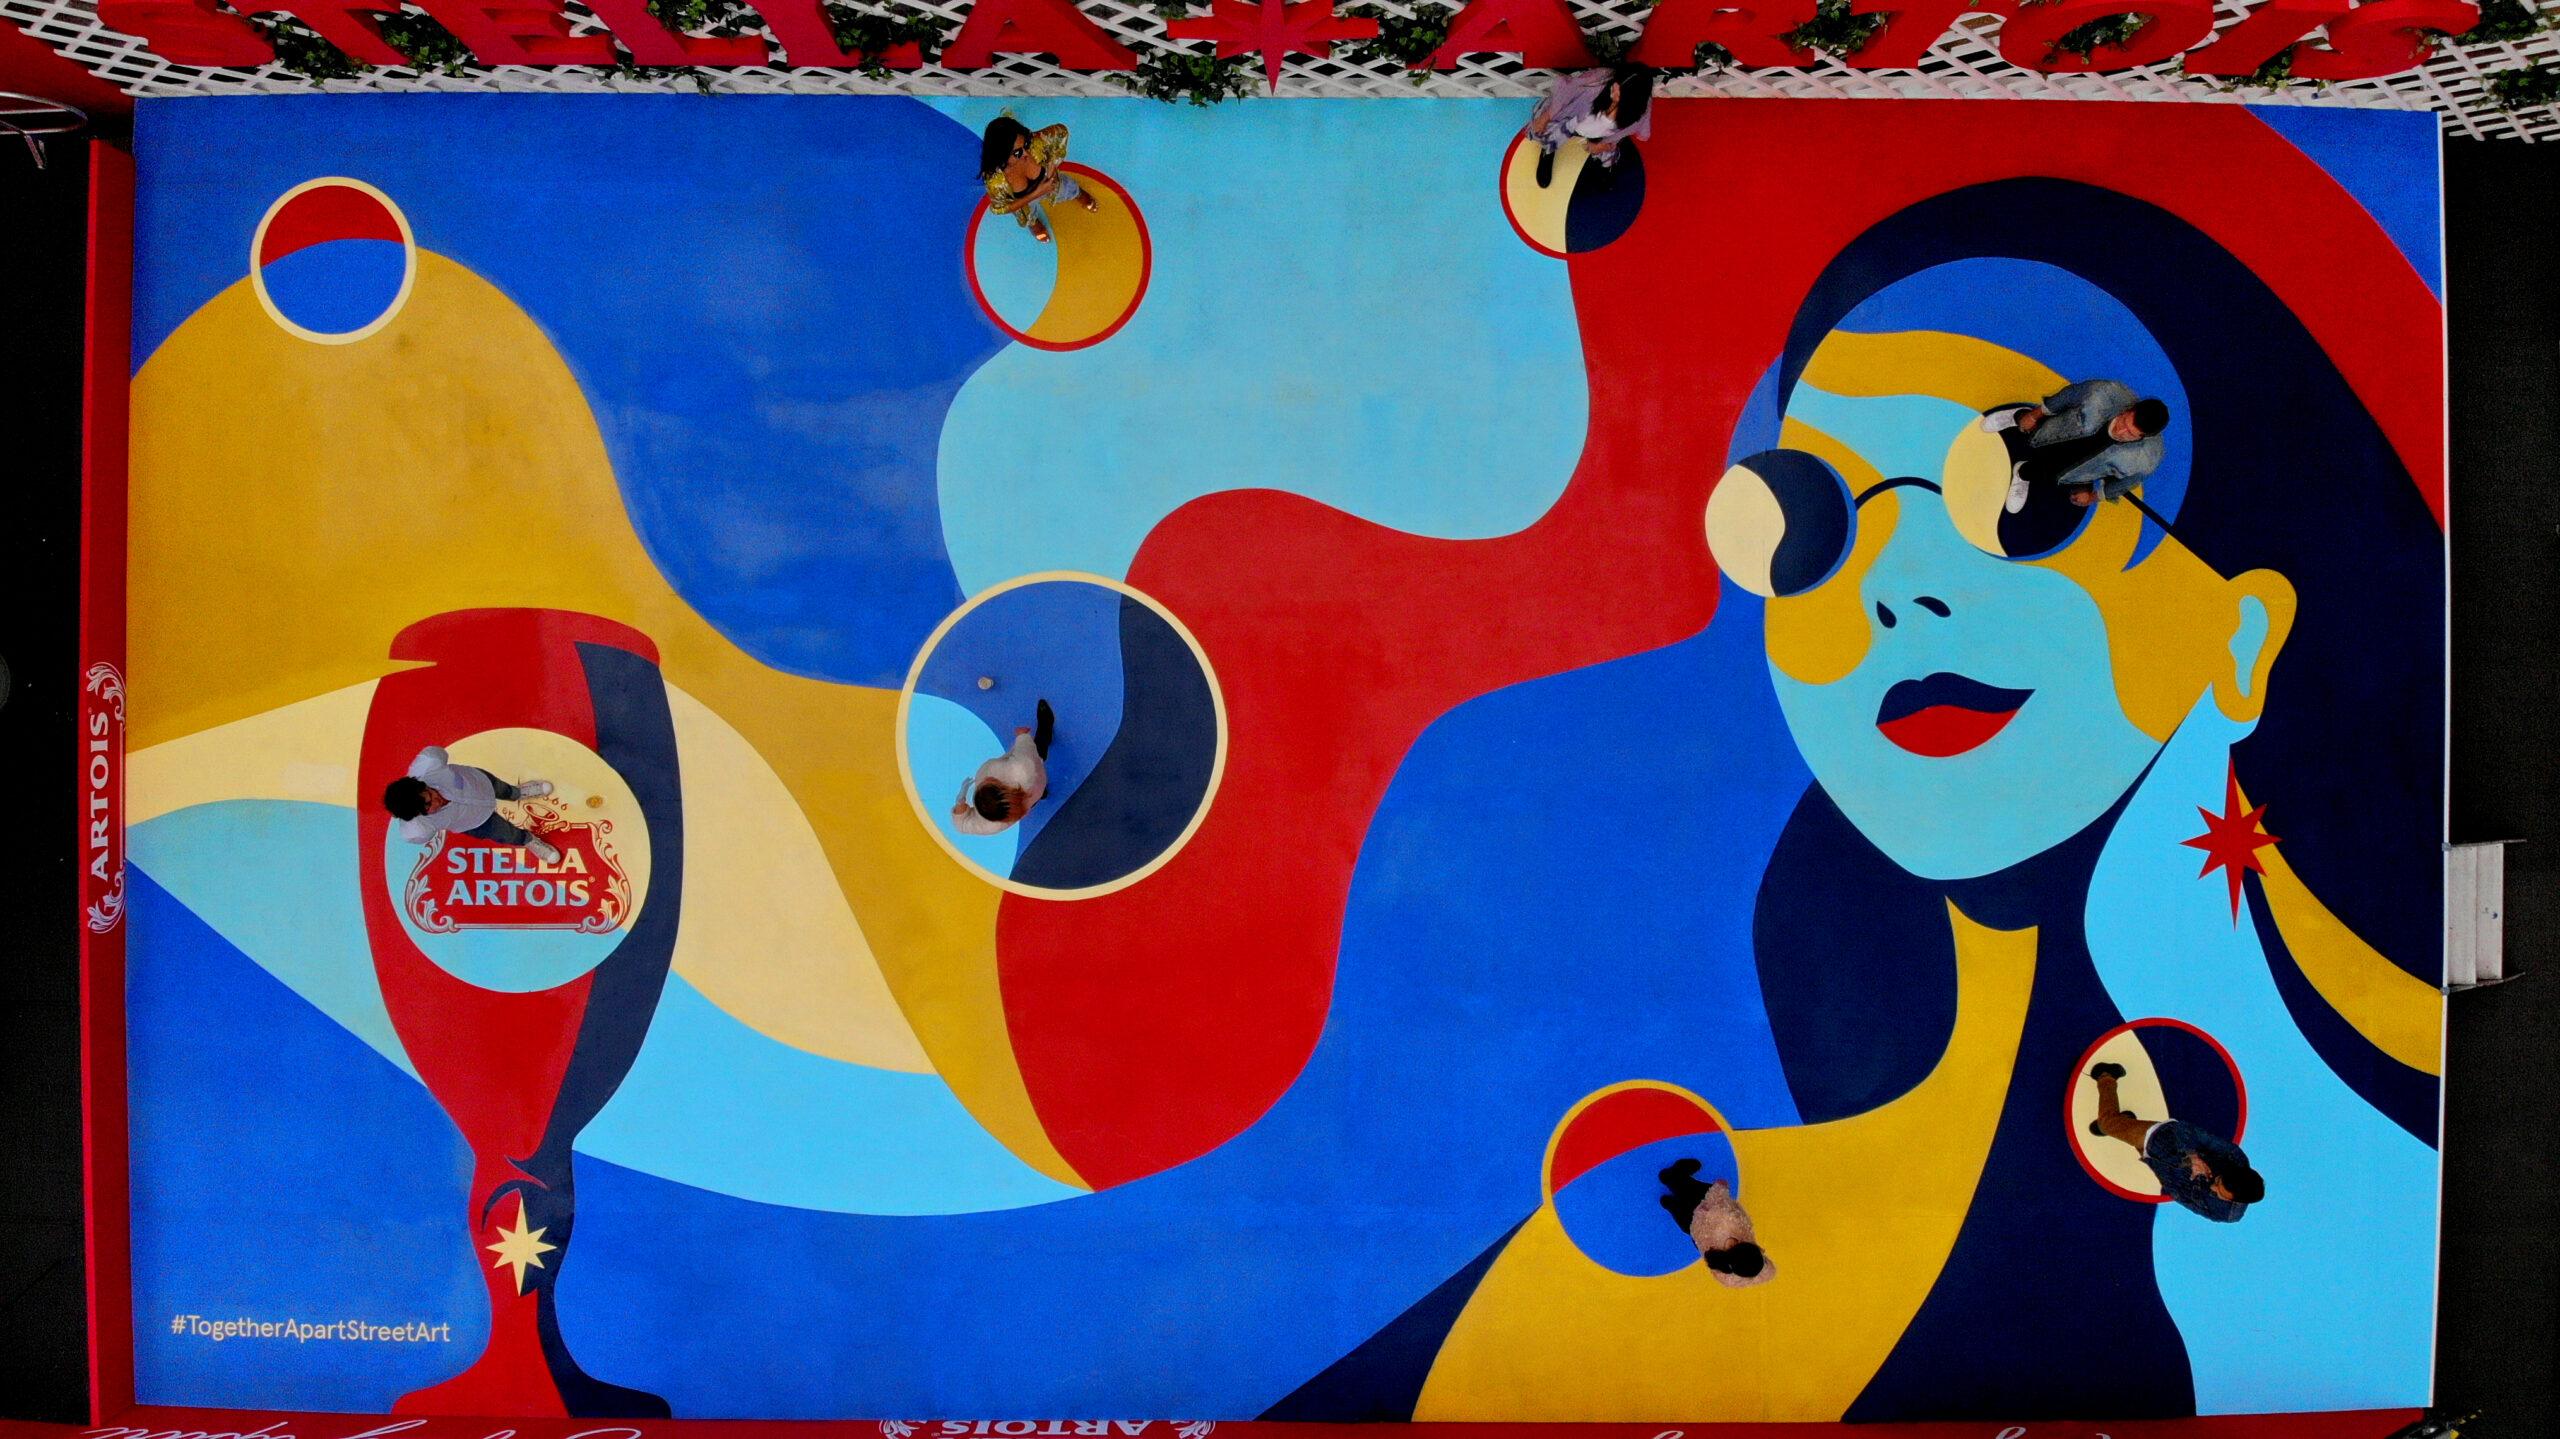 Maleta de Viajes, viajes, turismo, cultura, Stella Artois, arte